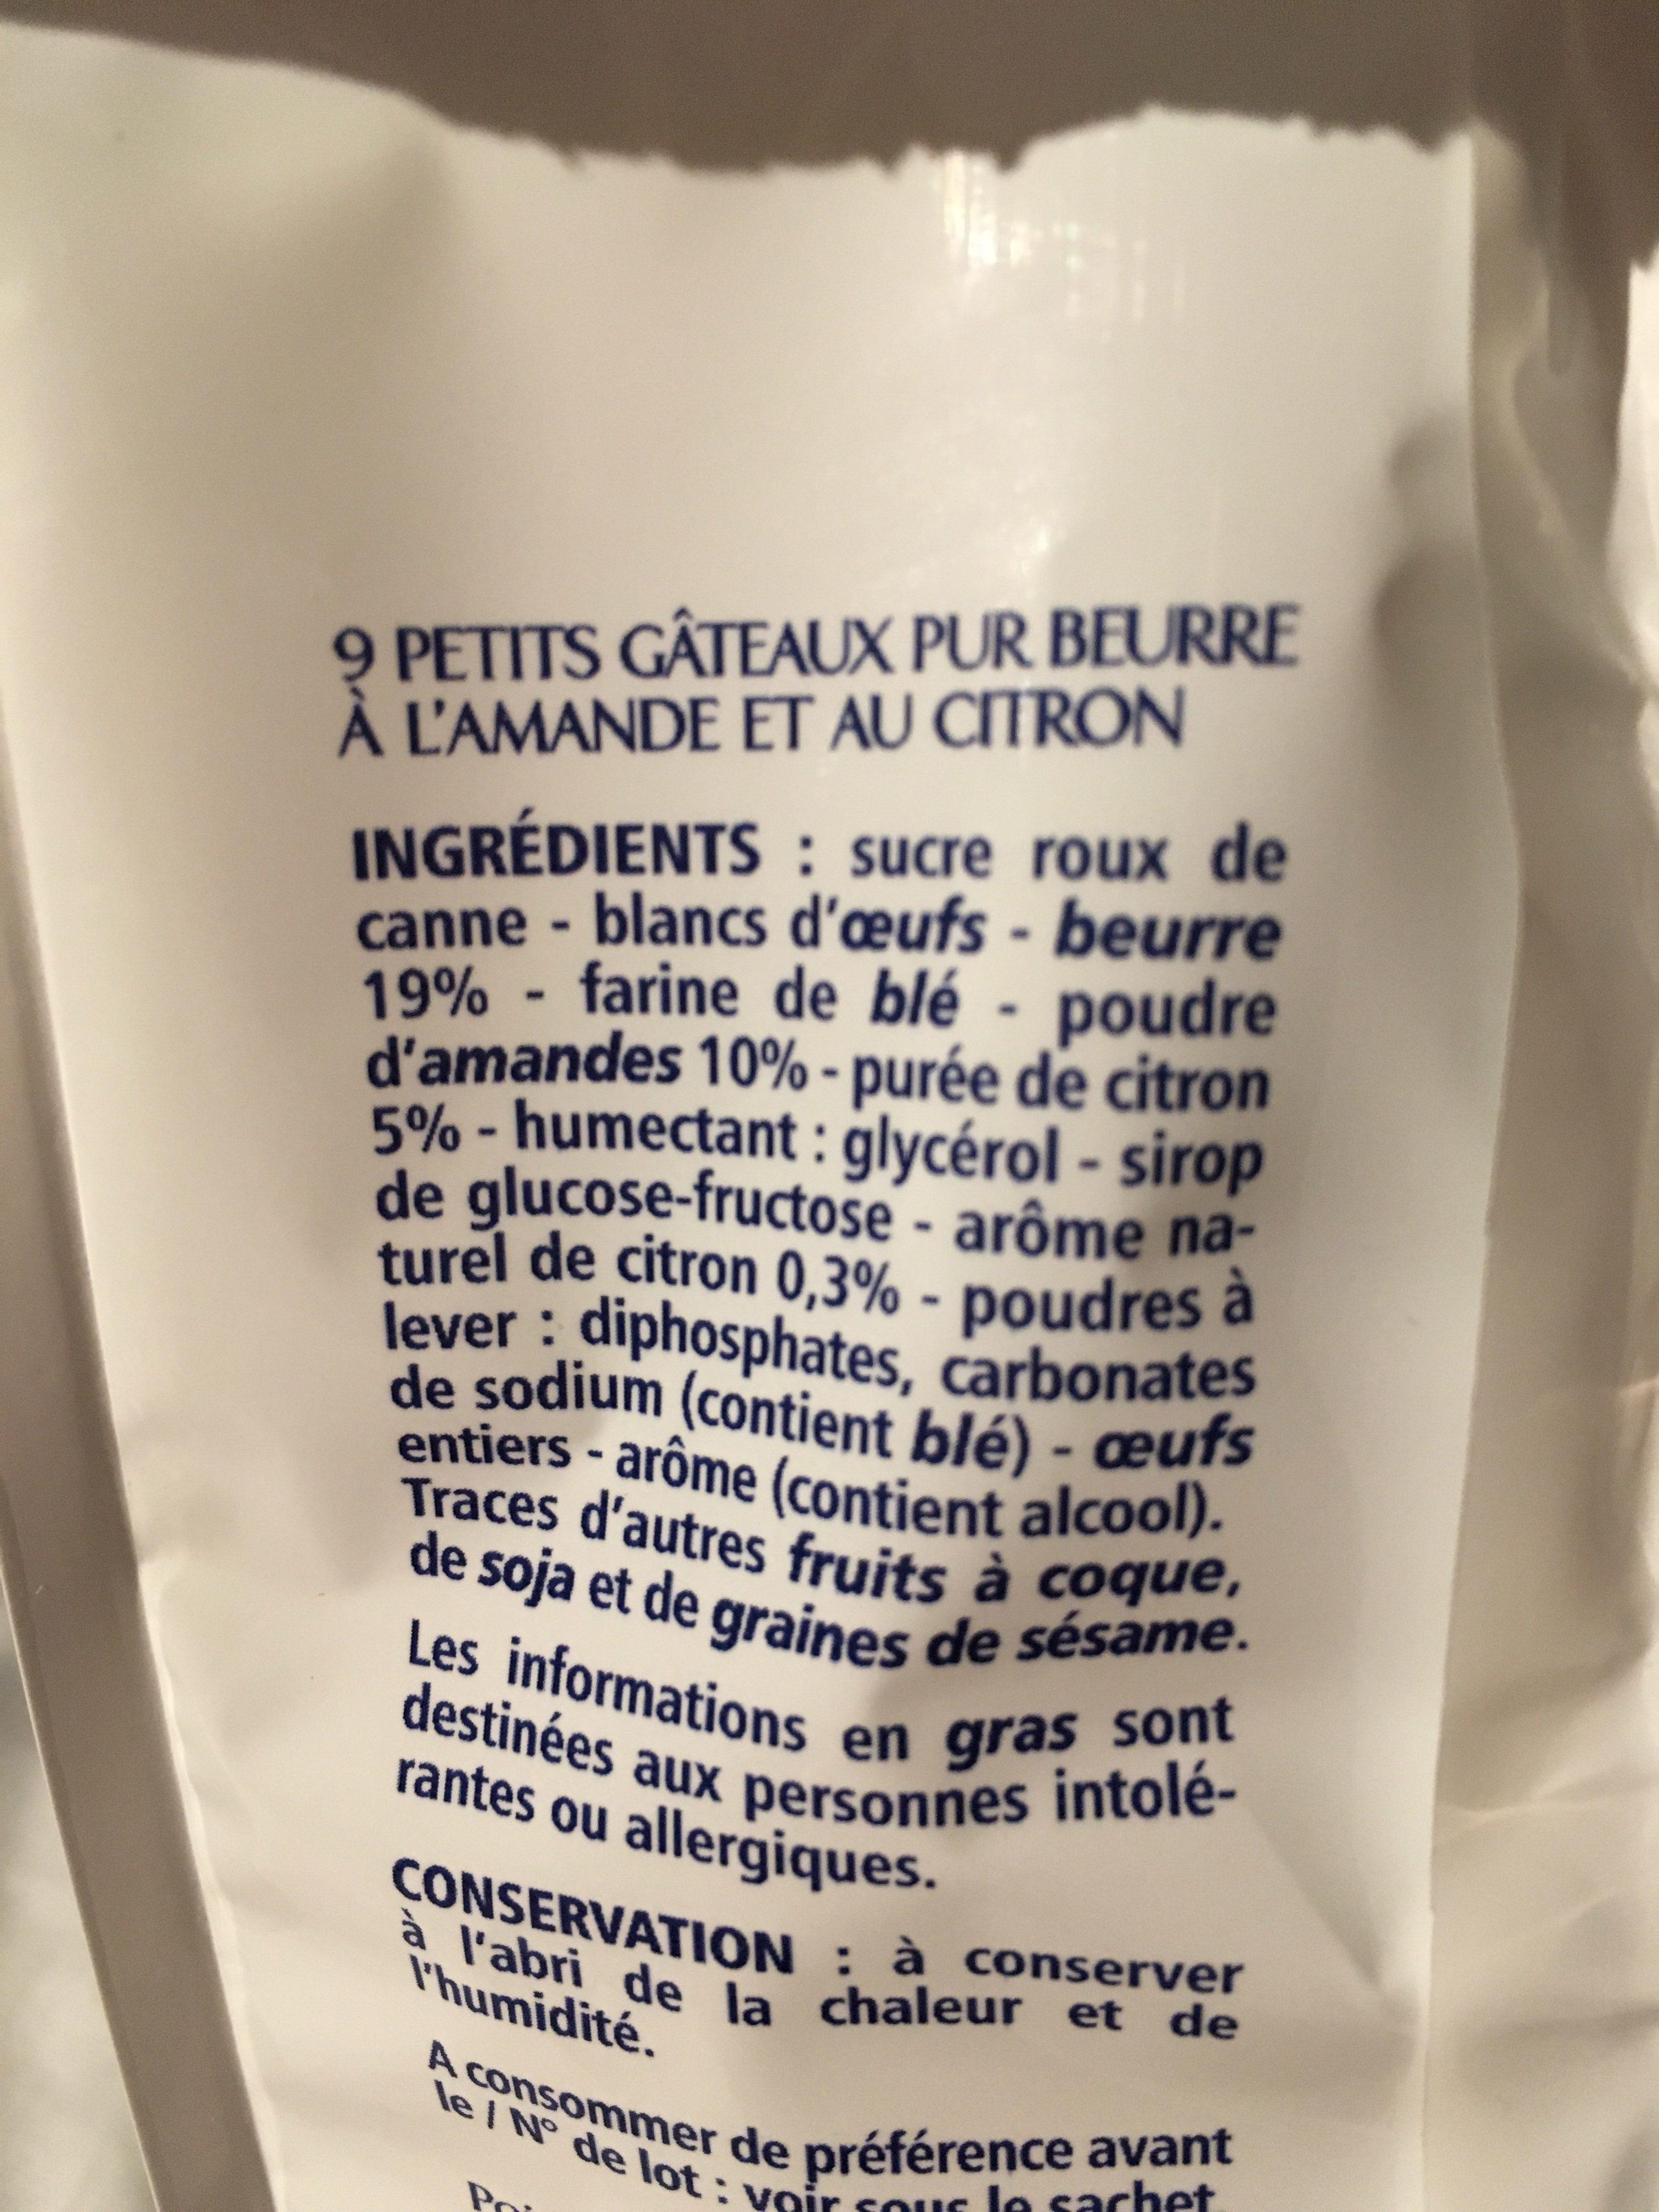 Les petits moelleux au citron pur beurre - Ingrédients - fr